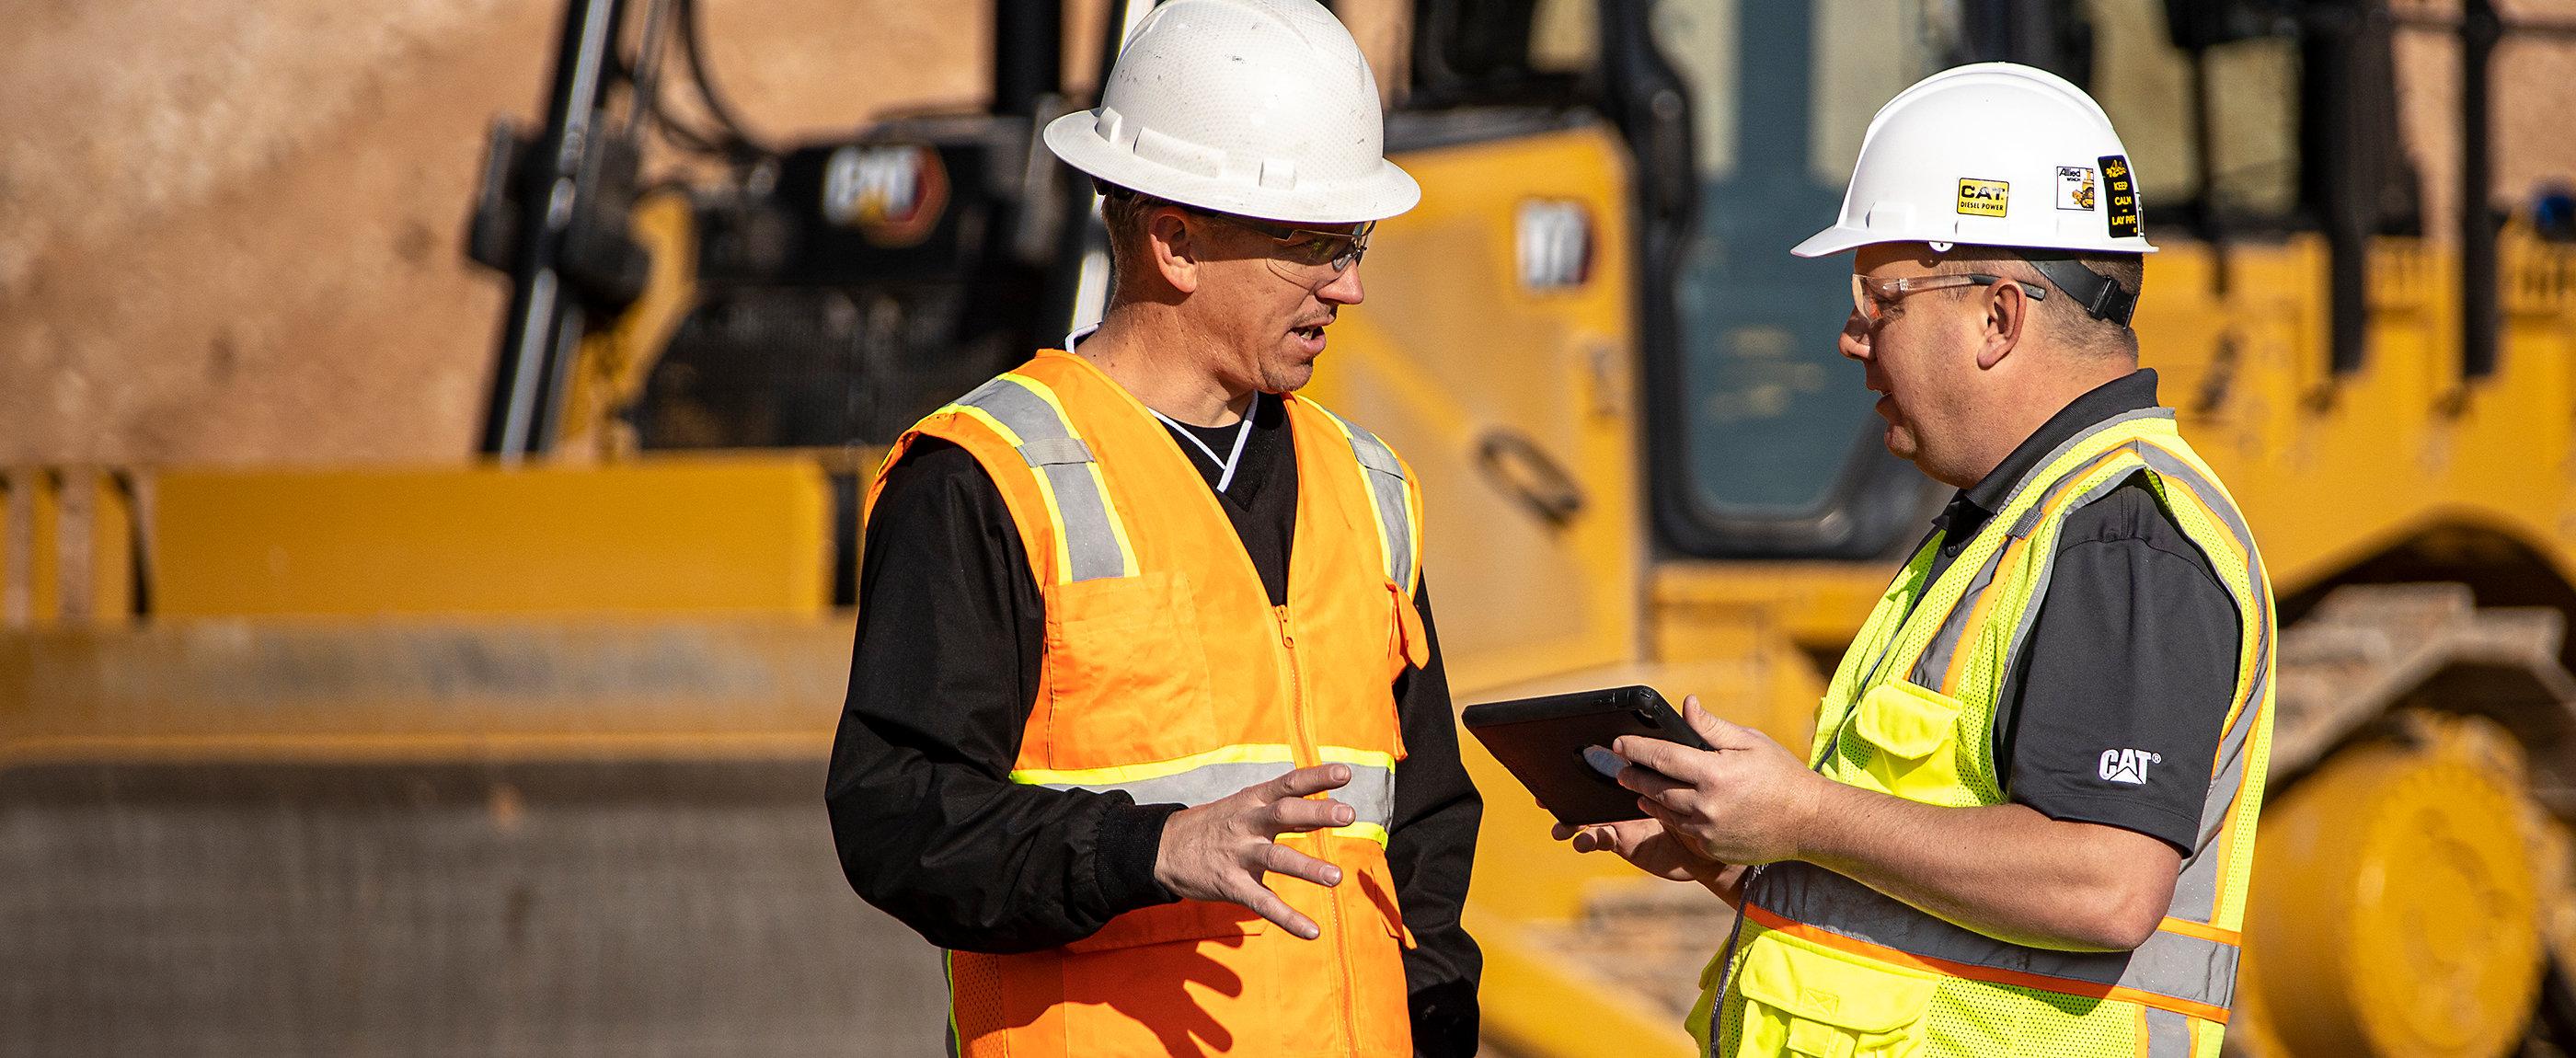 Operators looking at blog